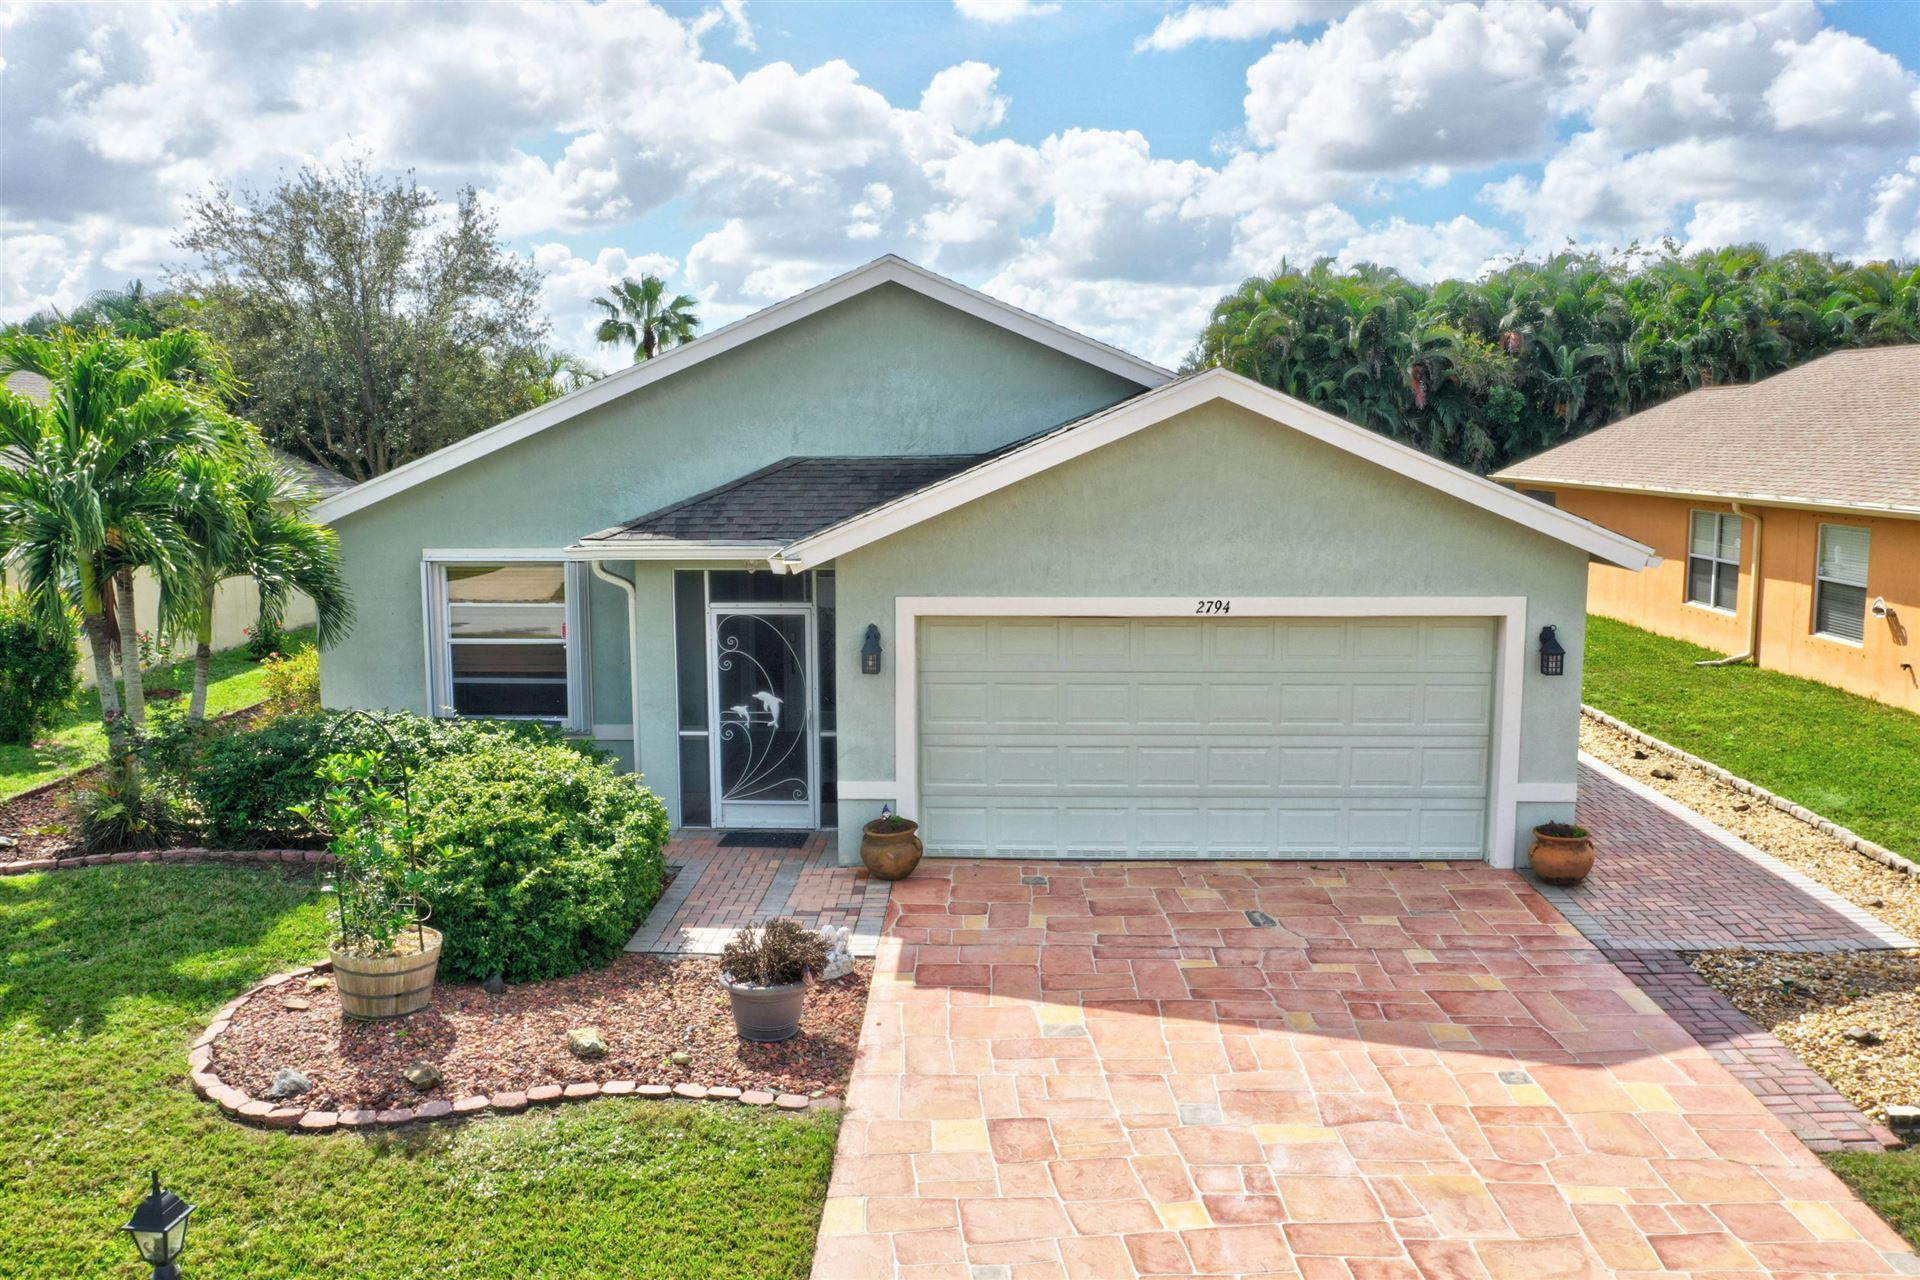 2794 SW Marquis Terr Terrace, Stuart, FL 34997 - #: RX-10602834